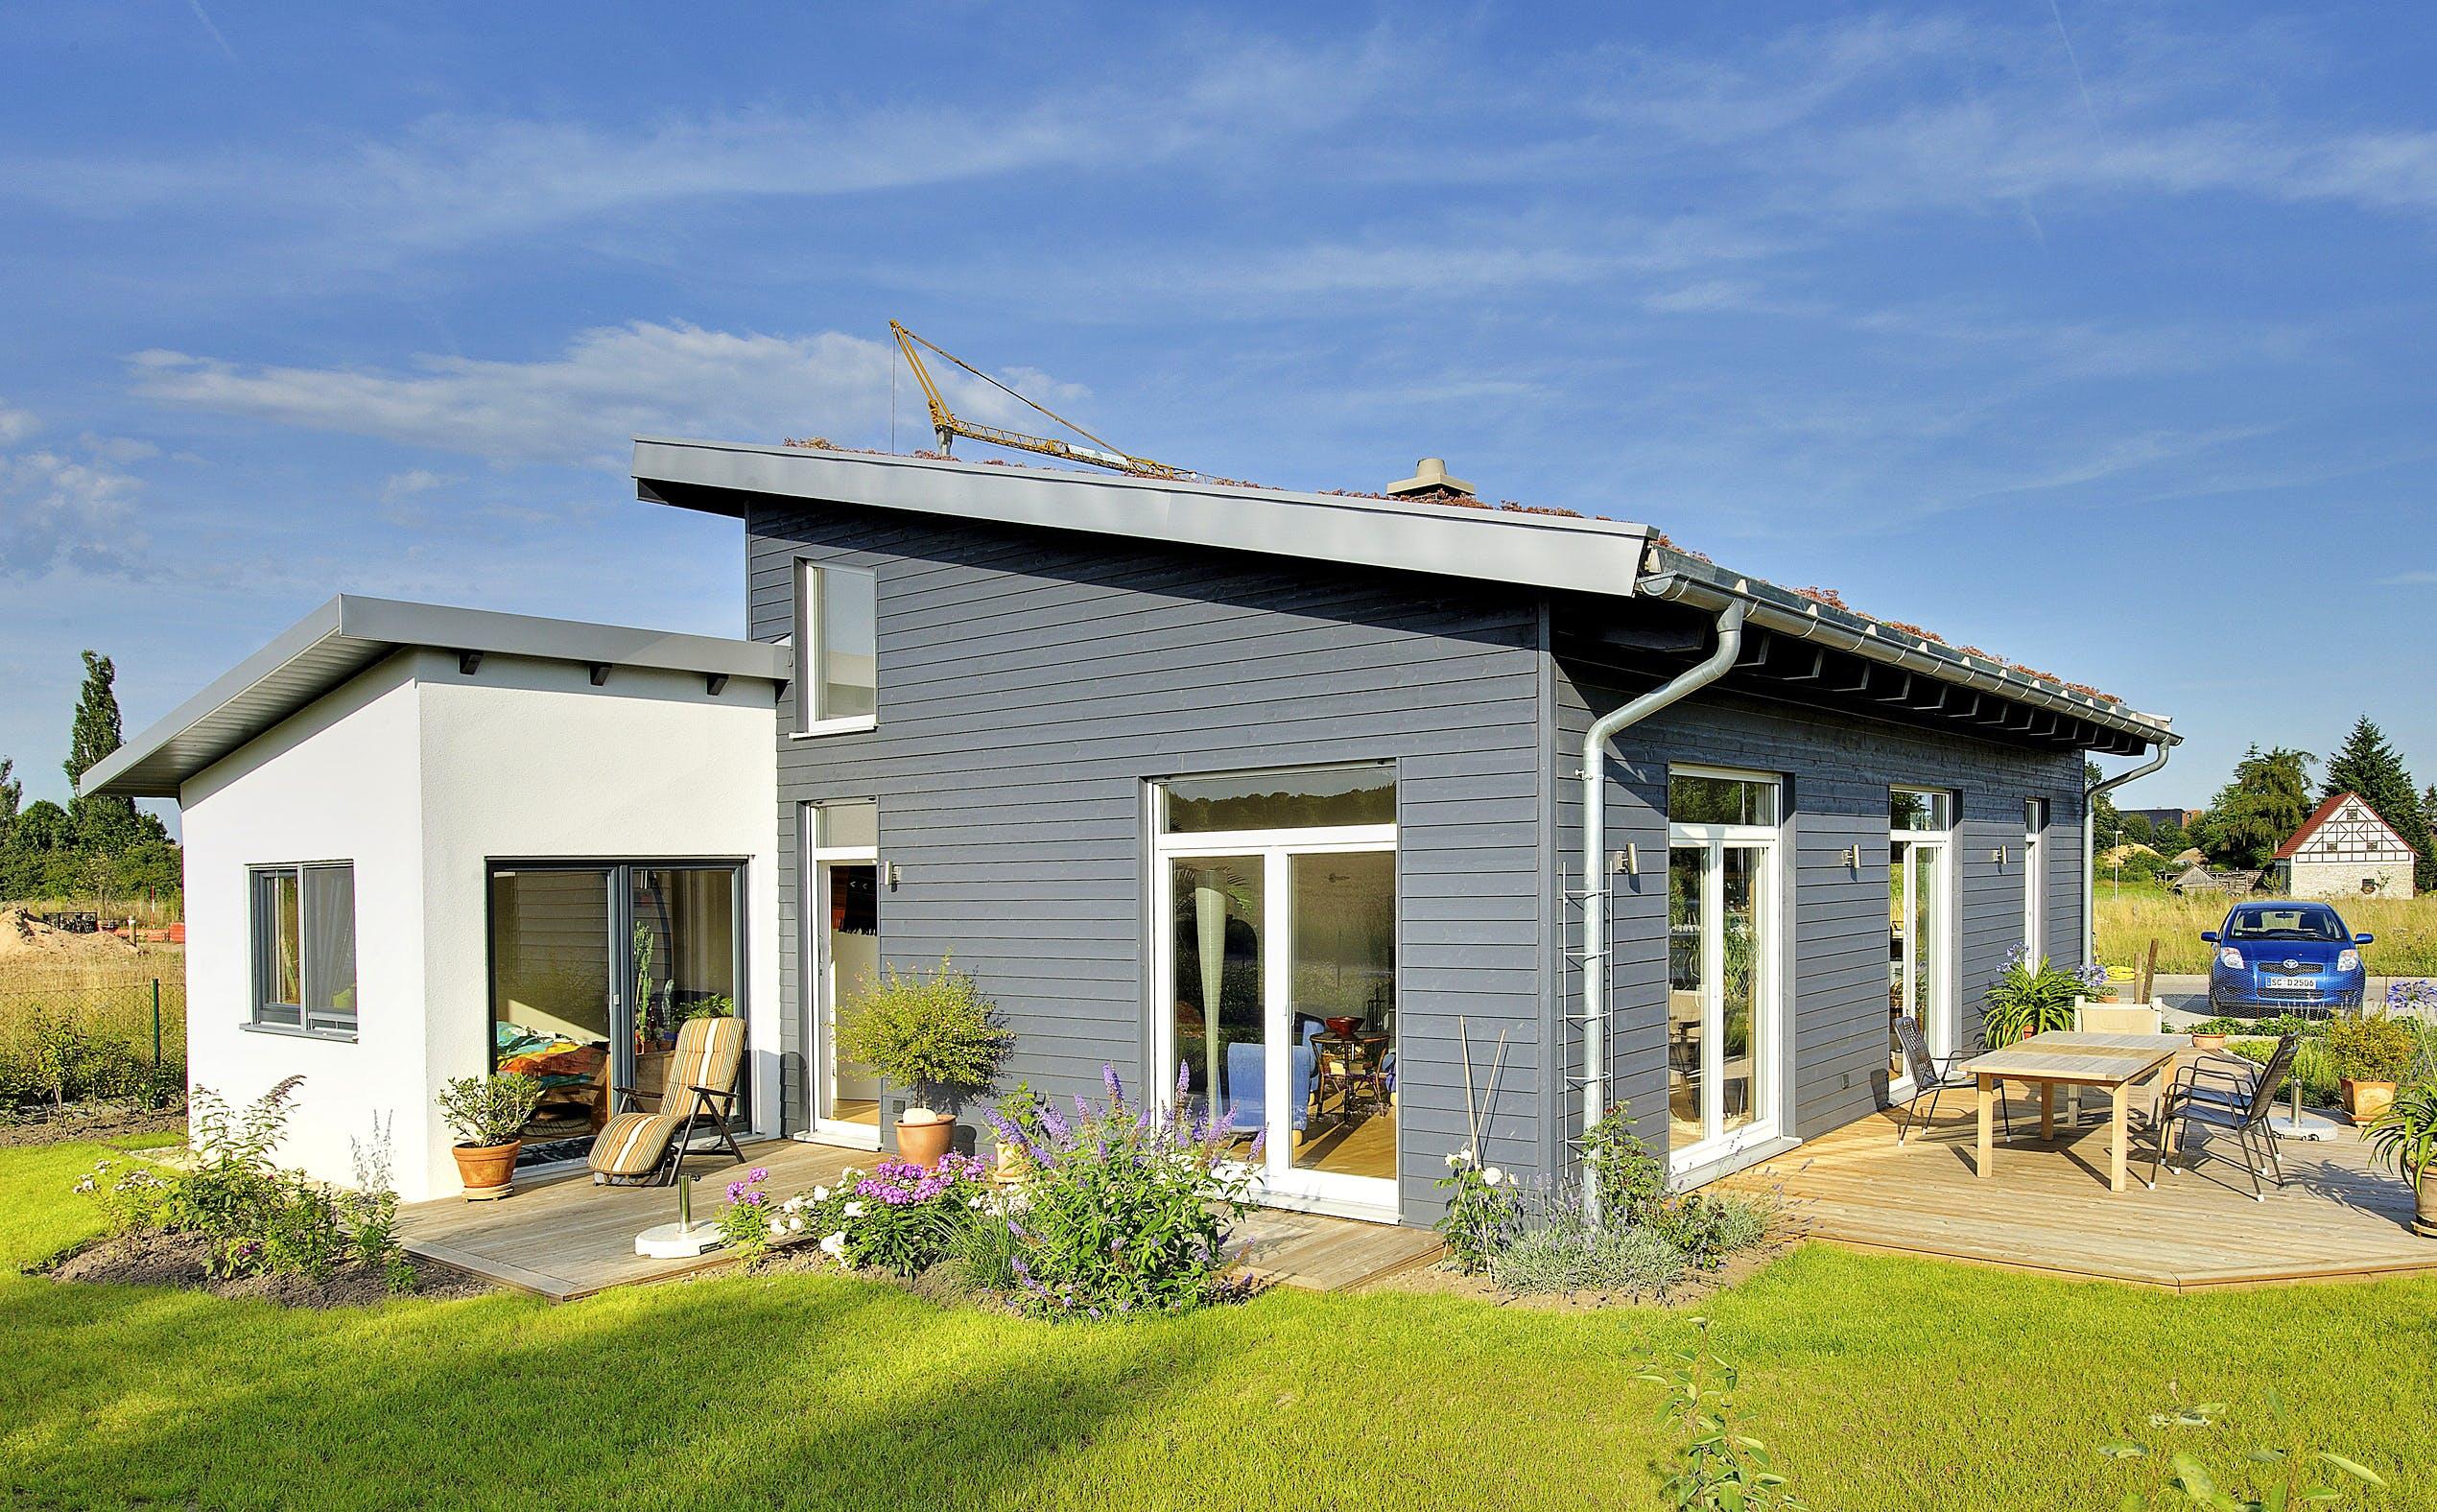 Luxhaus Preise eben 123 luxhaus komplette datenübersicht fertighaus de